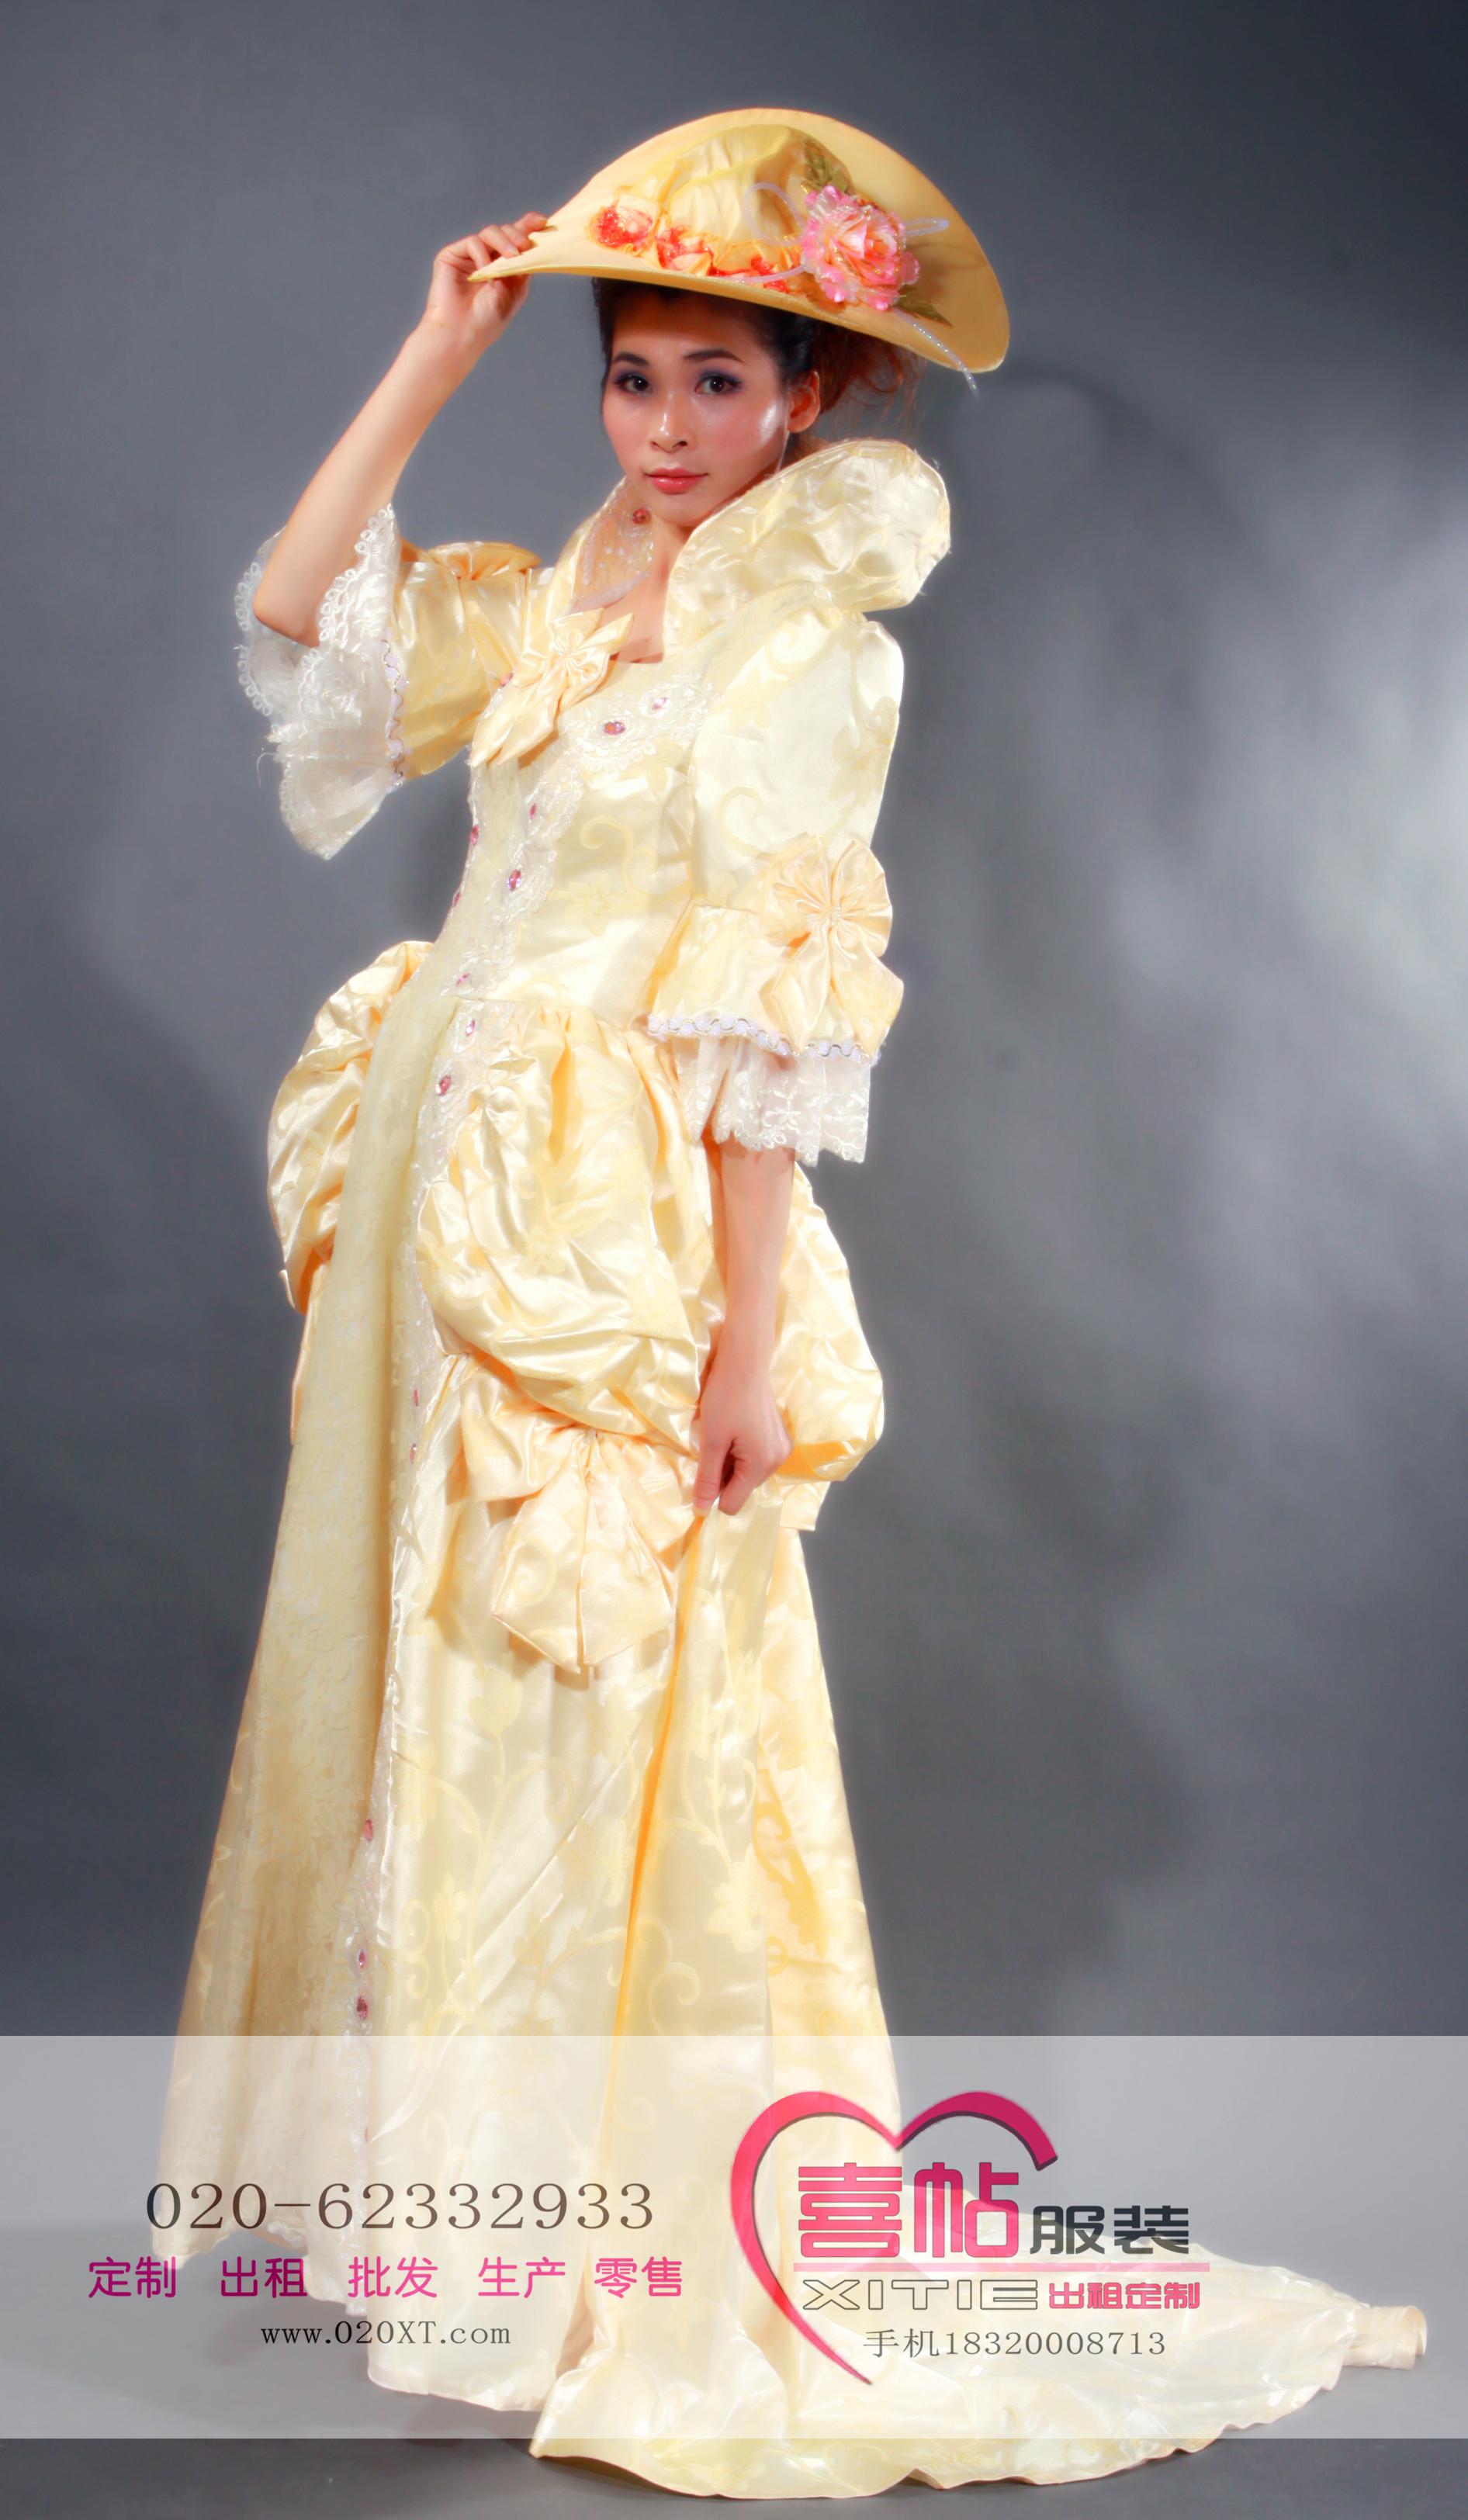 金色拖尾华丽版女欧洲宫廷服 国外服装出租 欧洲女宫廷装租赁